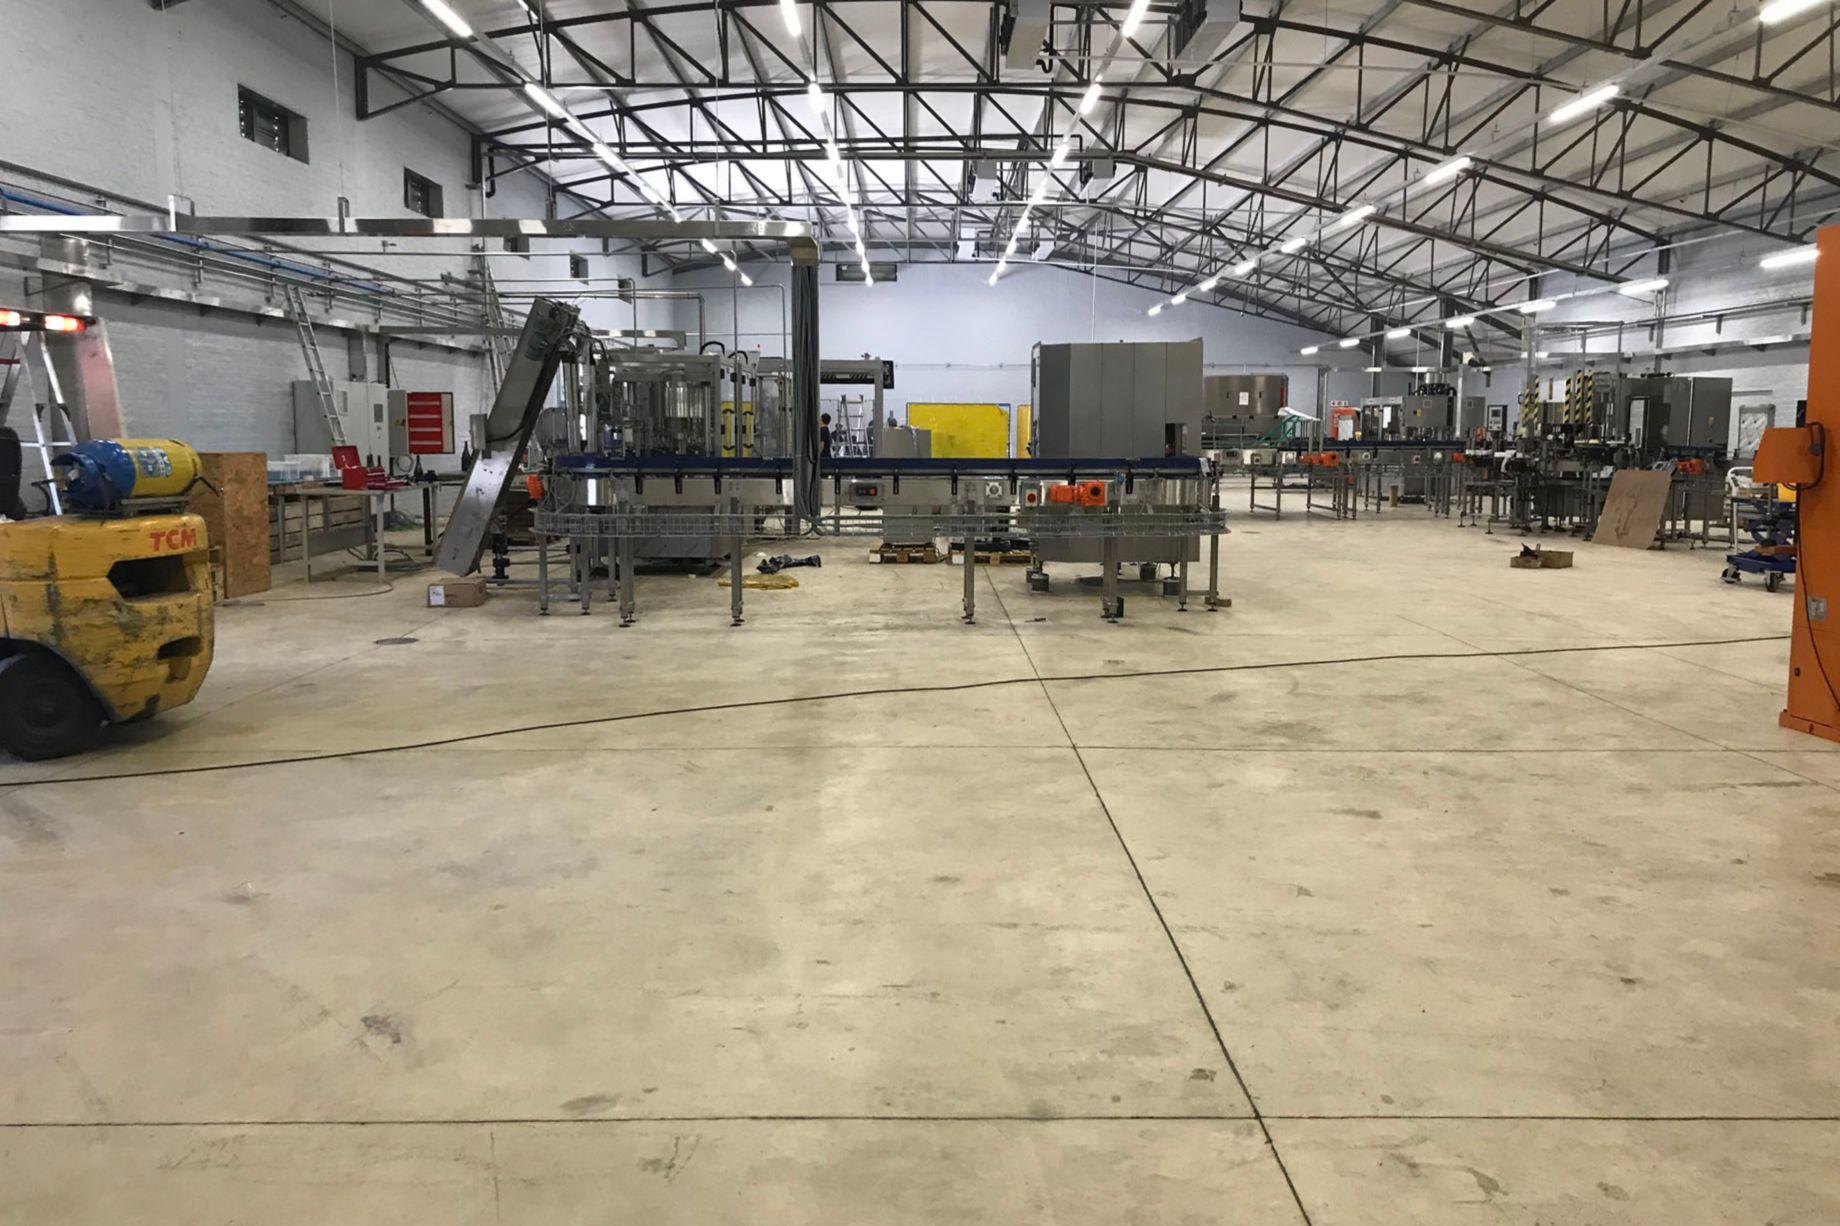 Repairs to crack concrete floor - Graham Beck Wine Estate, Cape Town